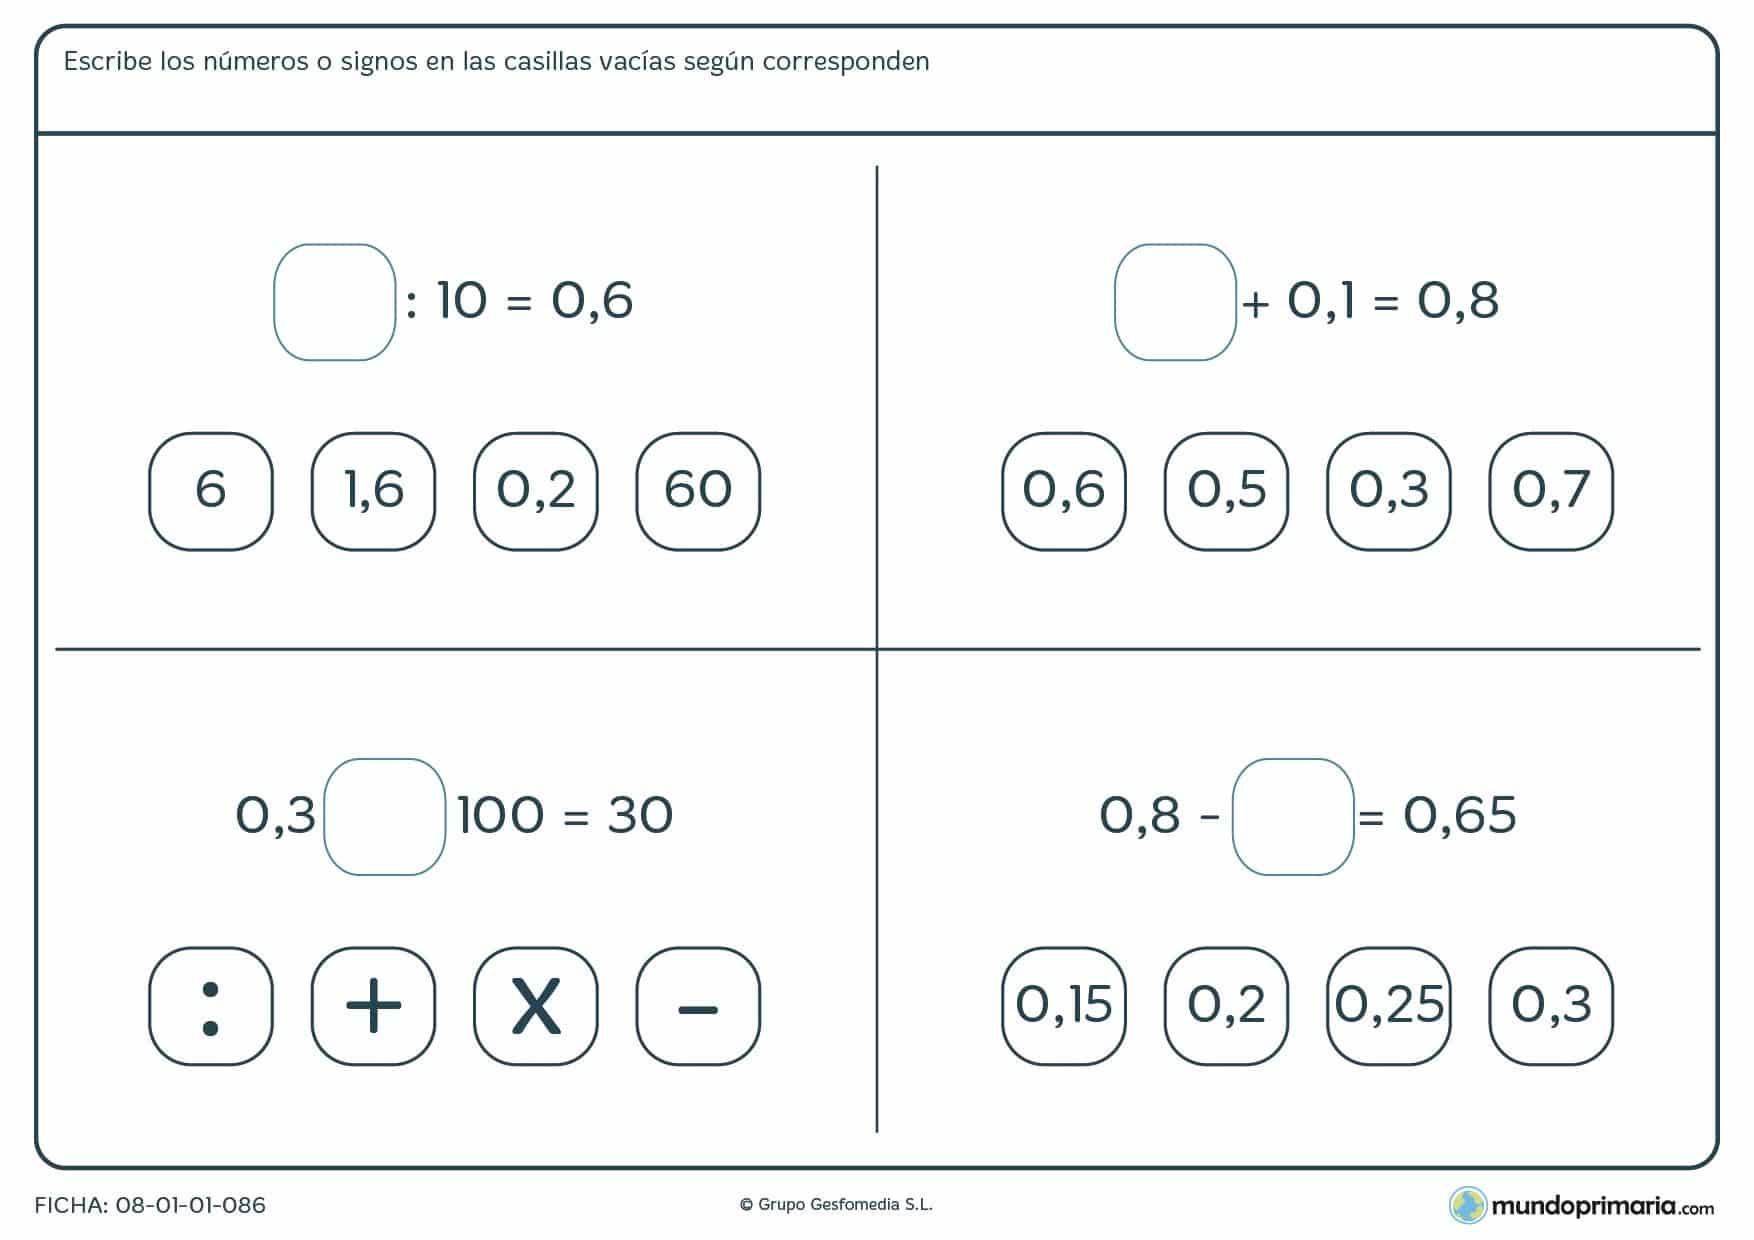 Ficha de operaciones decimales básicas con huecos a rellenar para 6º